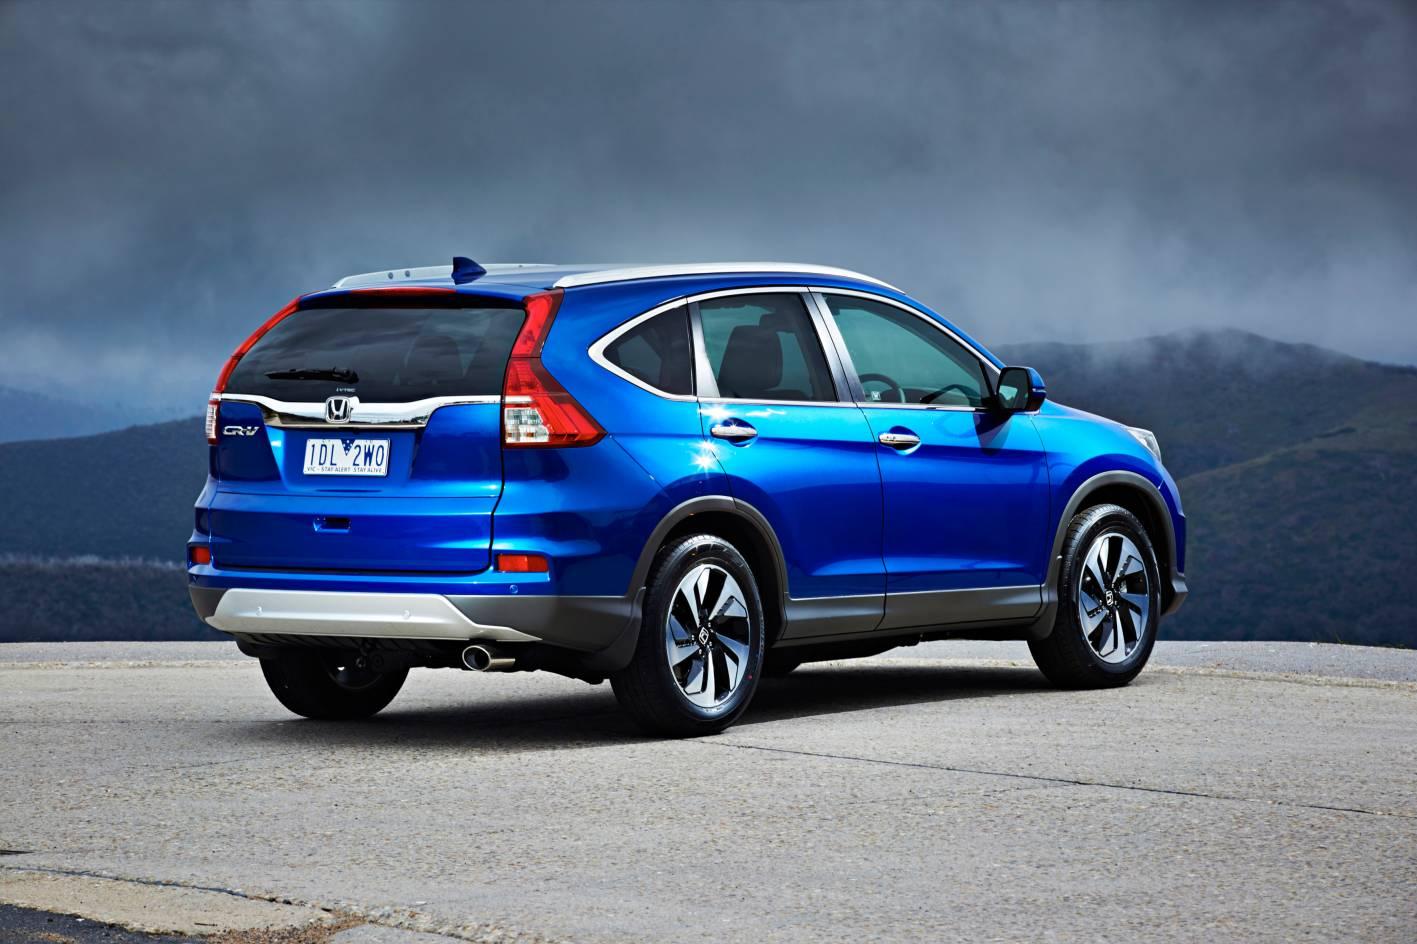 Honda Cr-v Range Refreshed For 2015